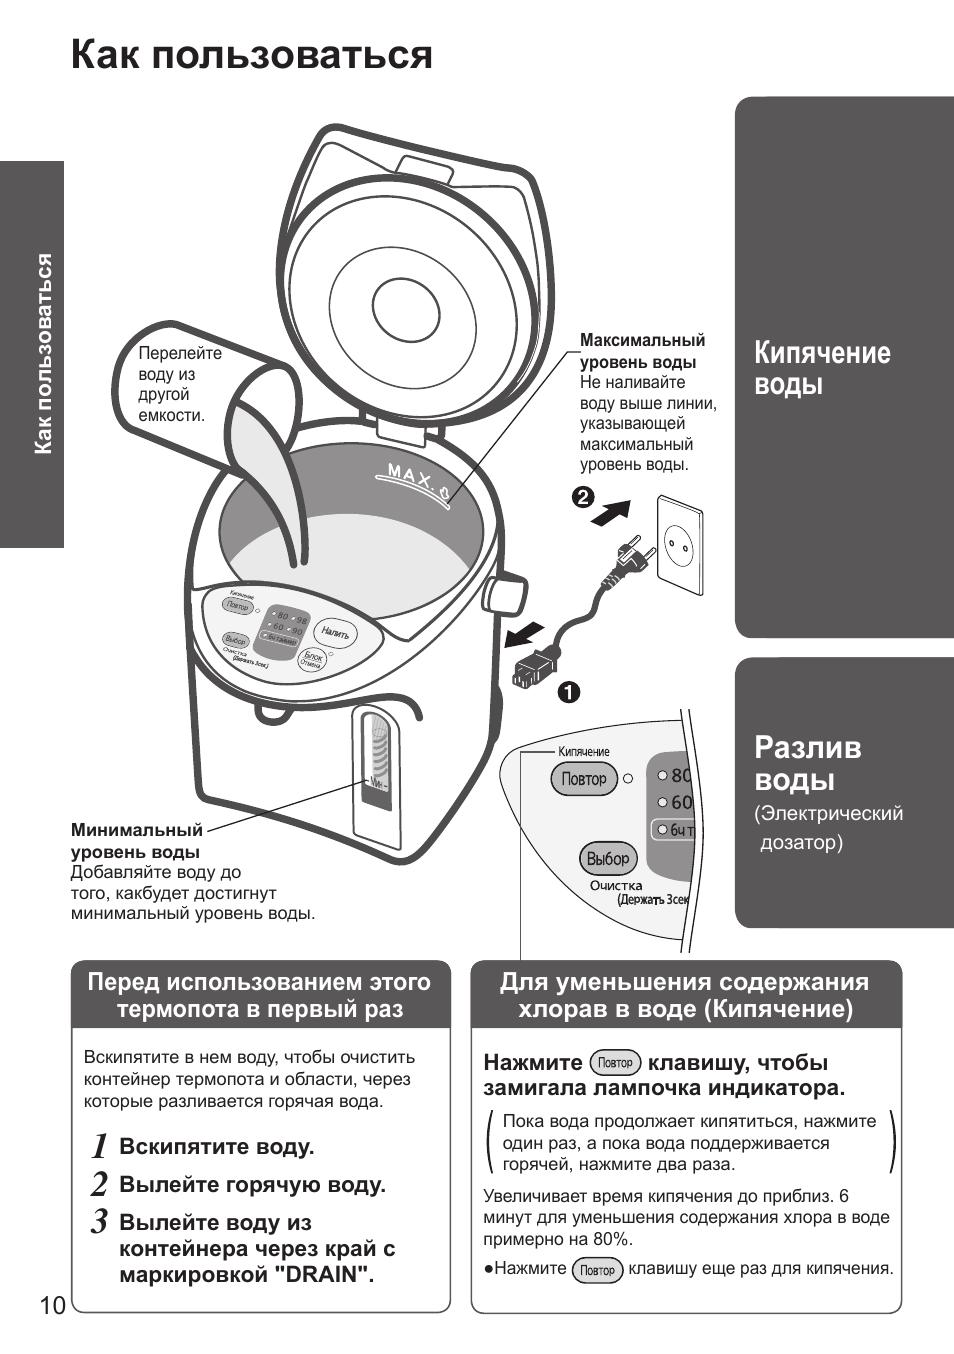 Схема электрочайника с подогревом – что это такое? схема термопота, инструкция. термопот электрический своими руками :: syl.ru — эксперт — интернет-магазин электроники и бытовой техники